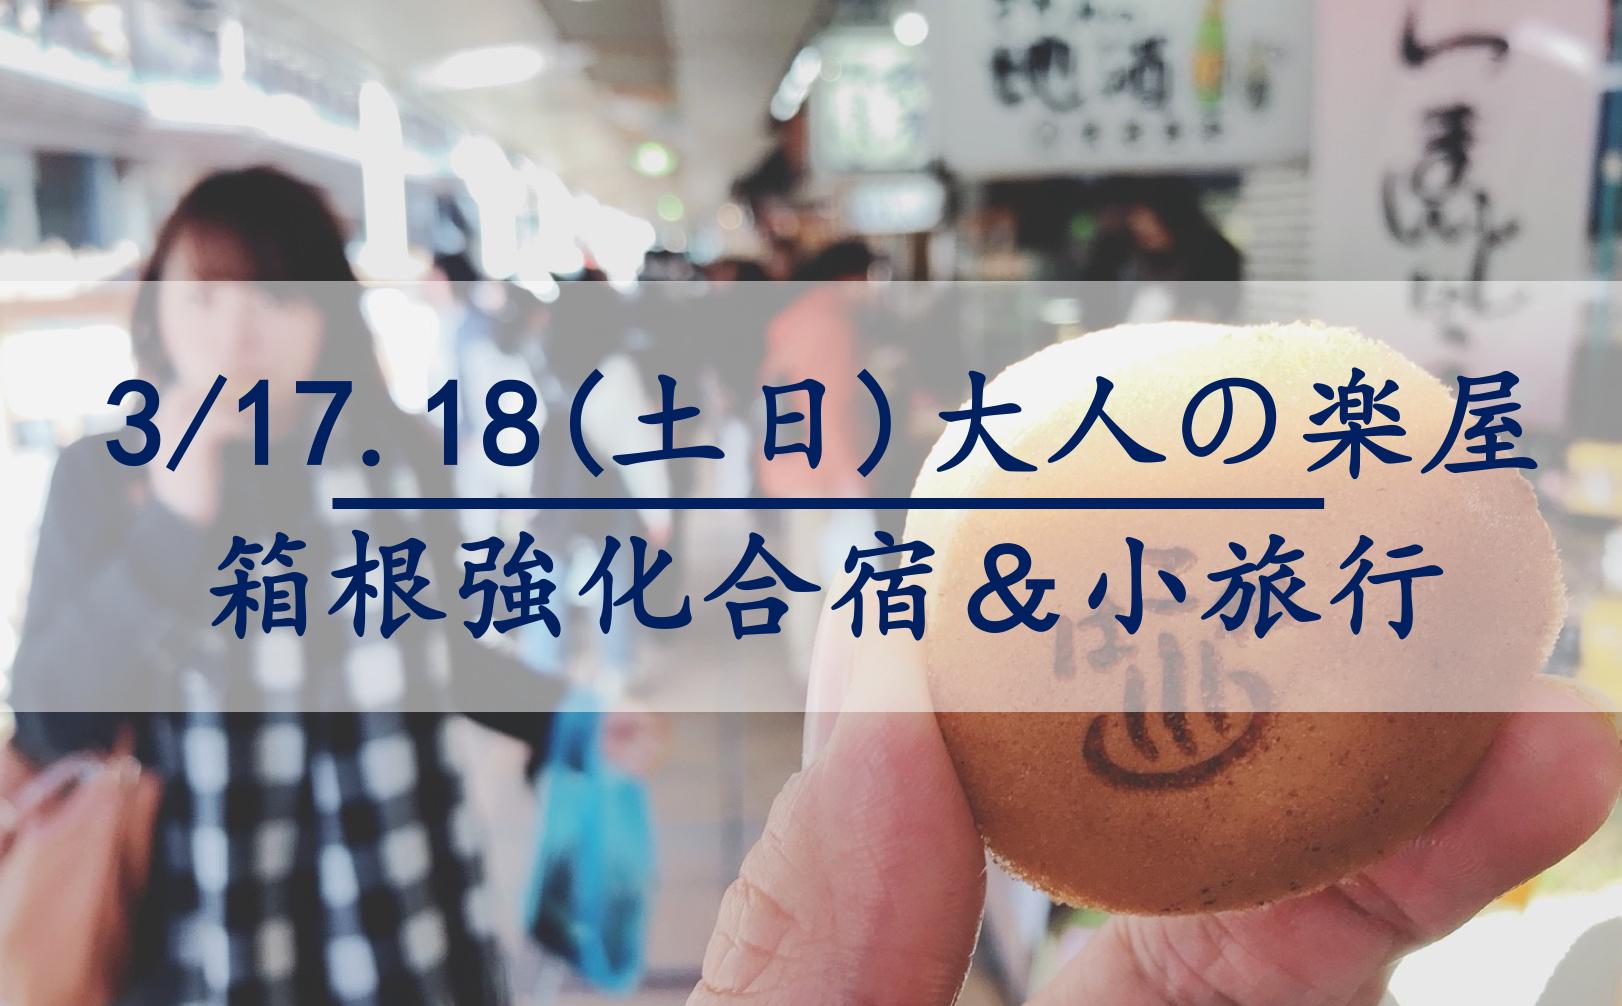 3/17.18(土日)箱根強化合宿&小旅行に行ってきました!